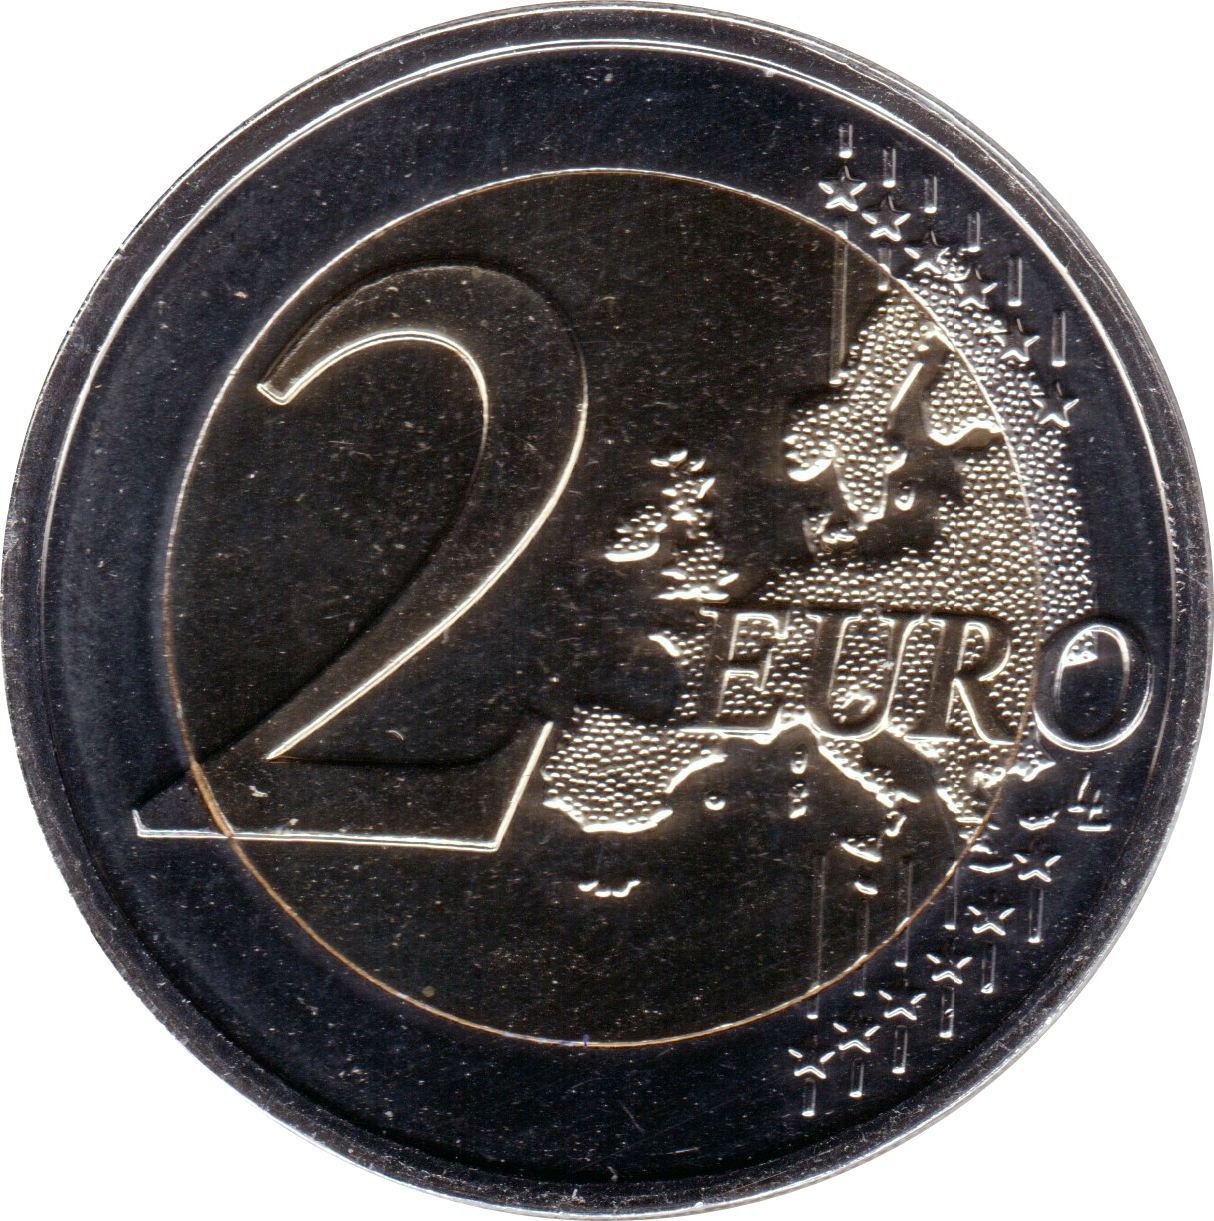 2 Euro Bleuet De France Colored France Numista